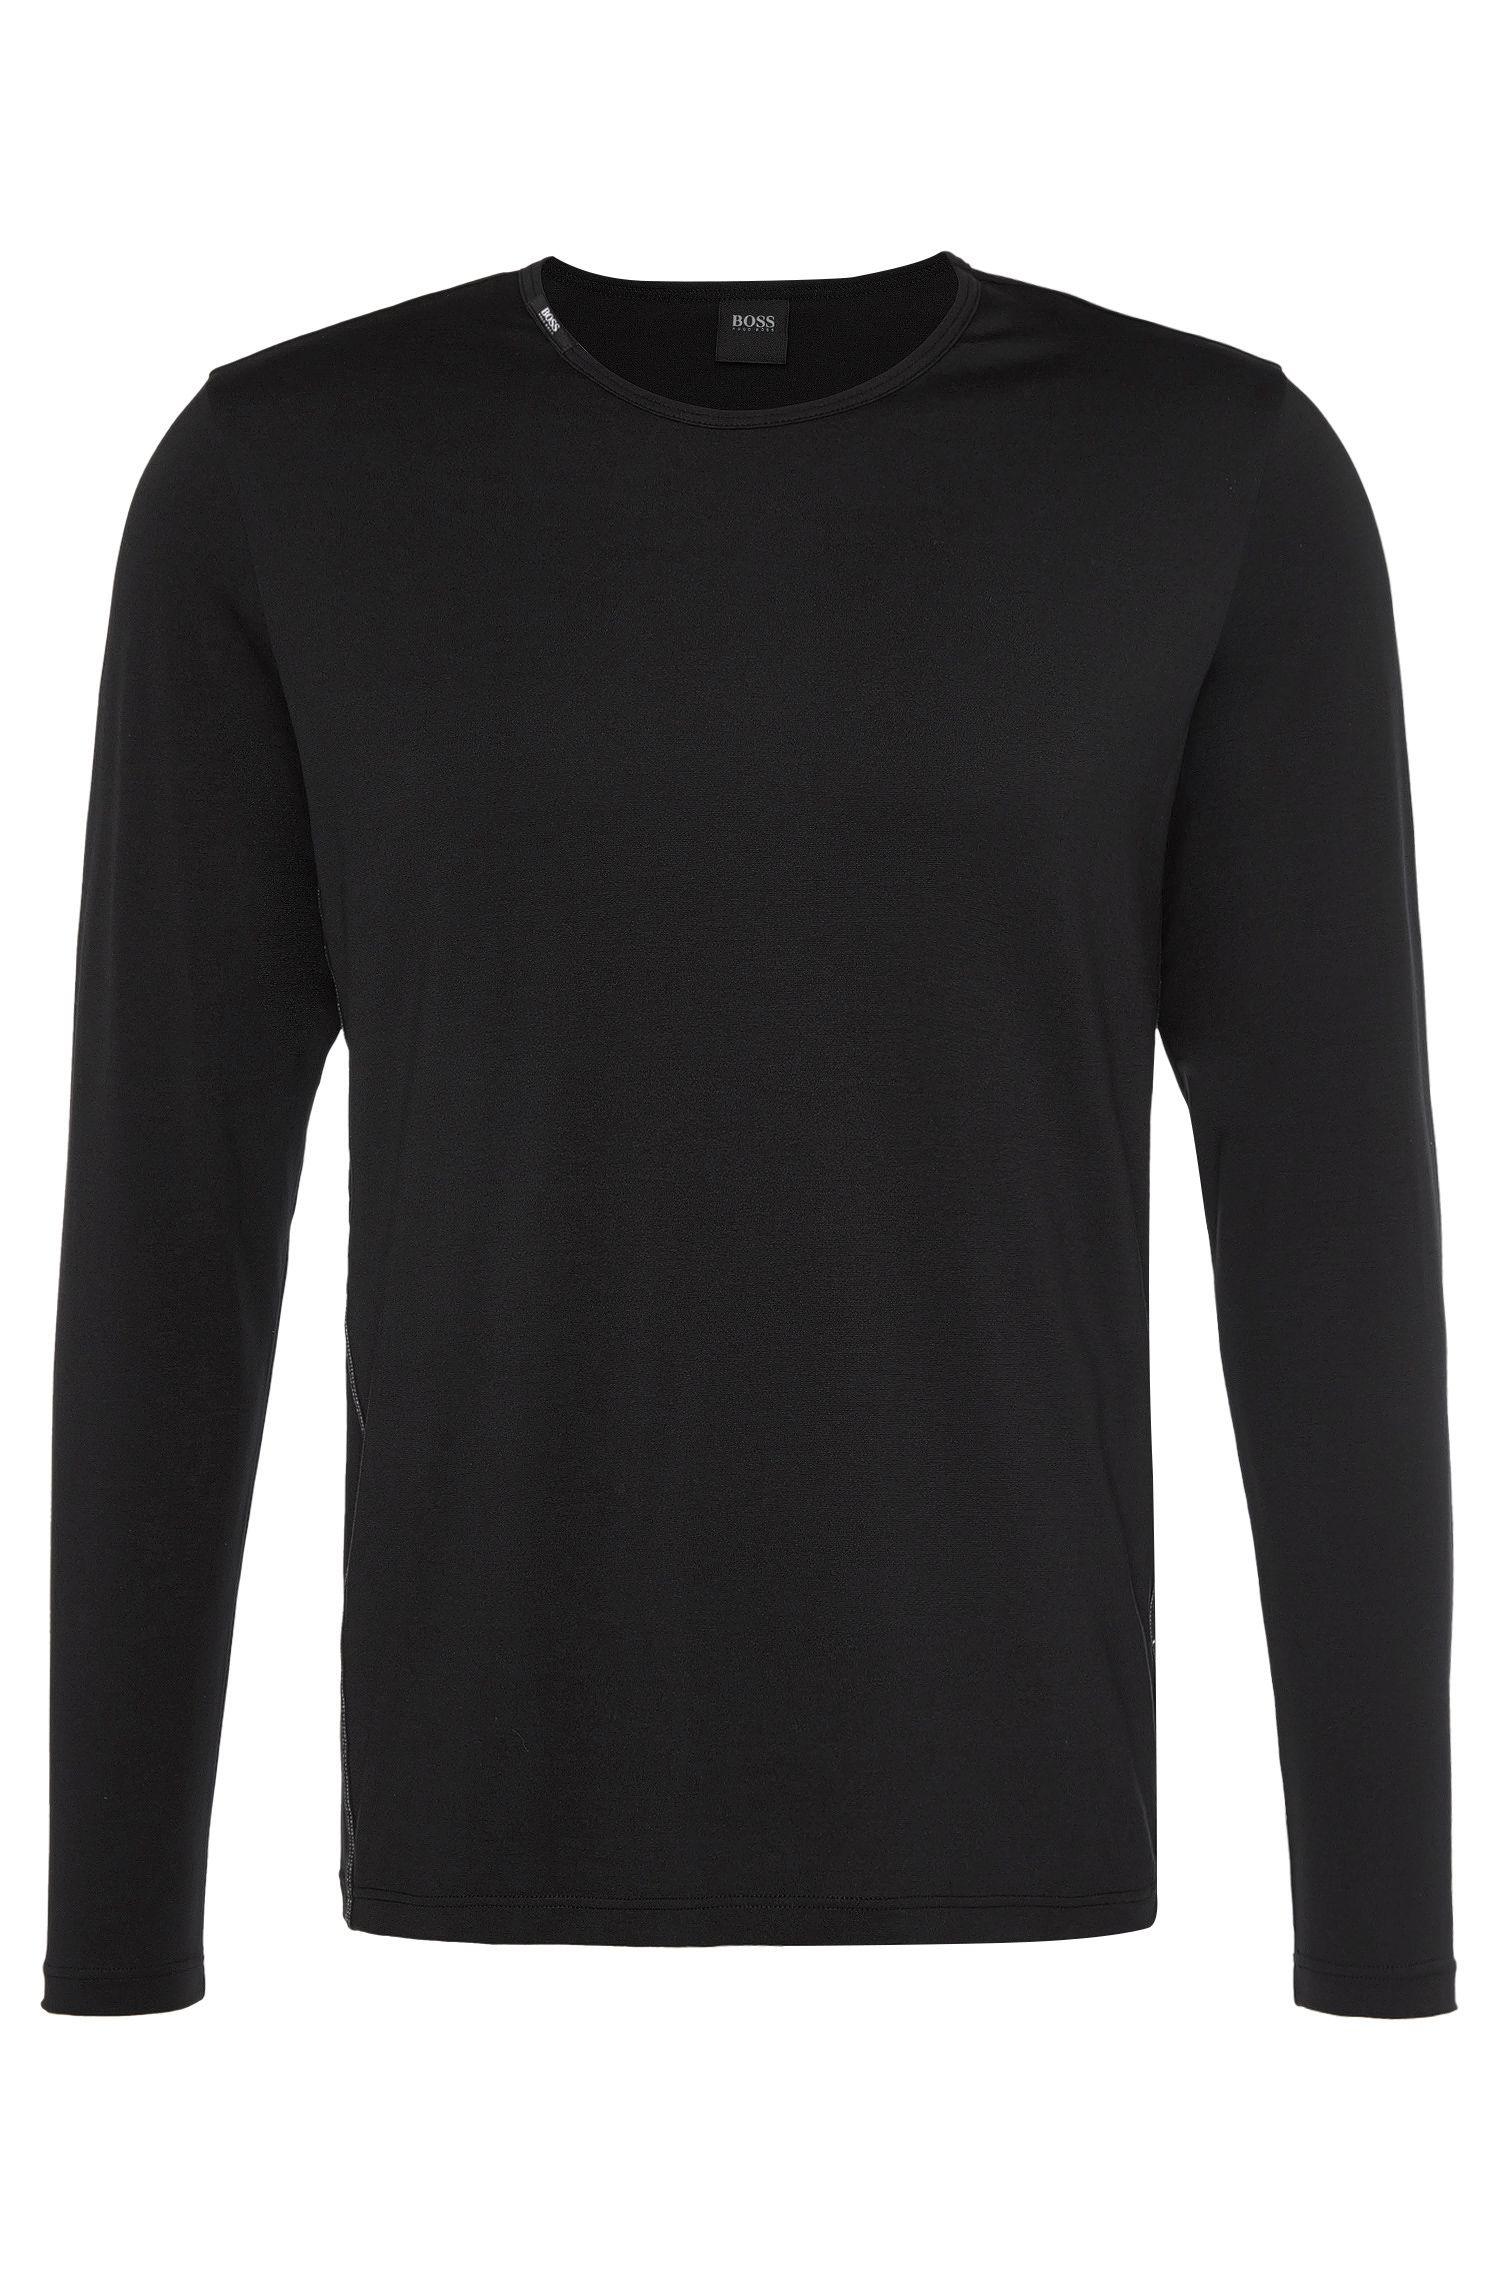 'Shirt LSRN Cotton' | Stretch Cotton Moisture Wicking Shirt